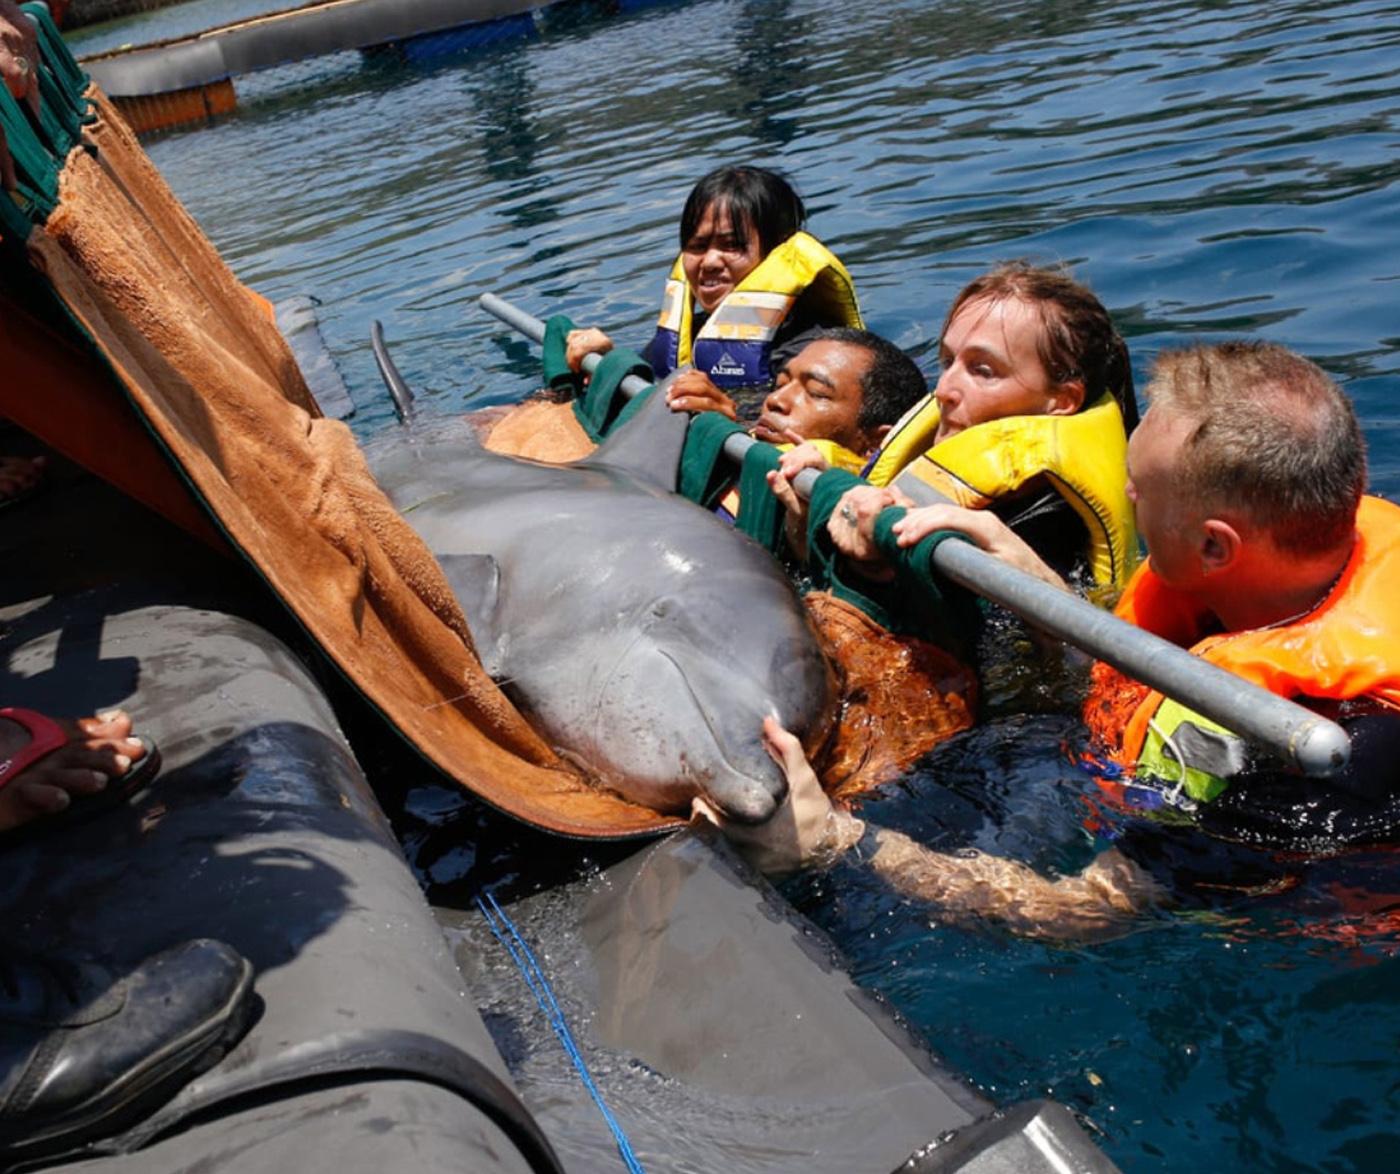 水槽から救助されたイルカ